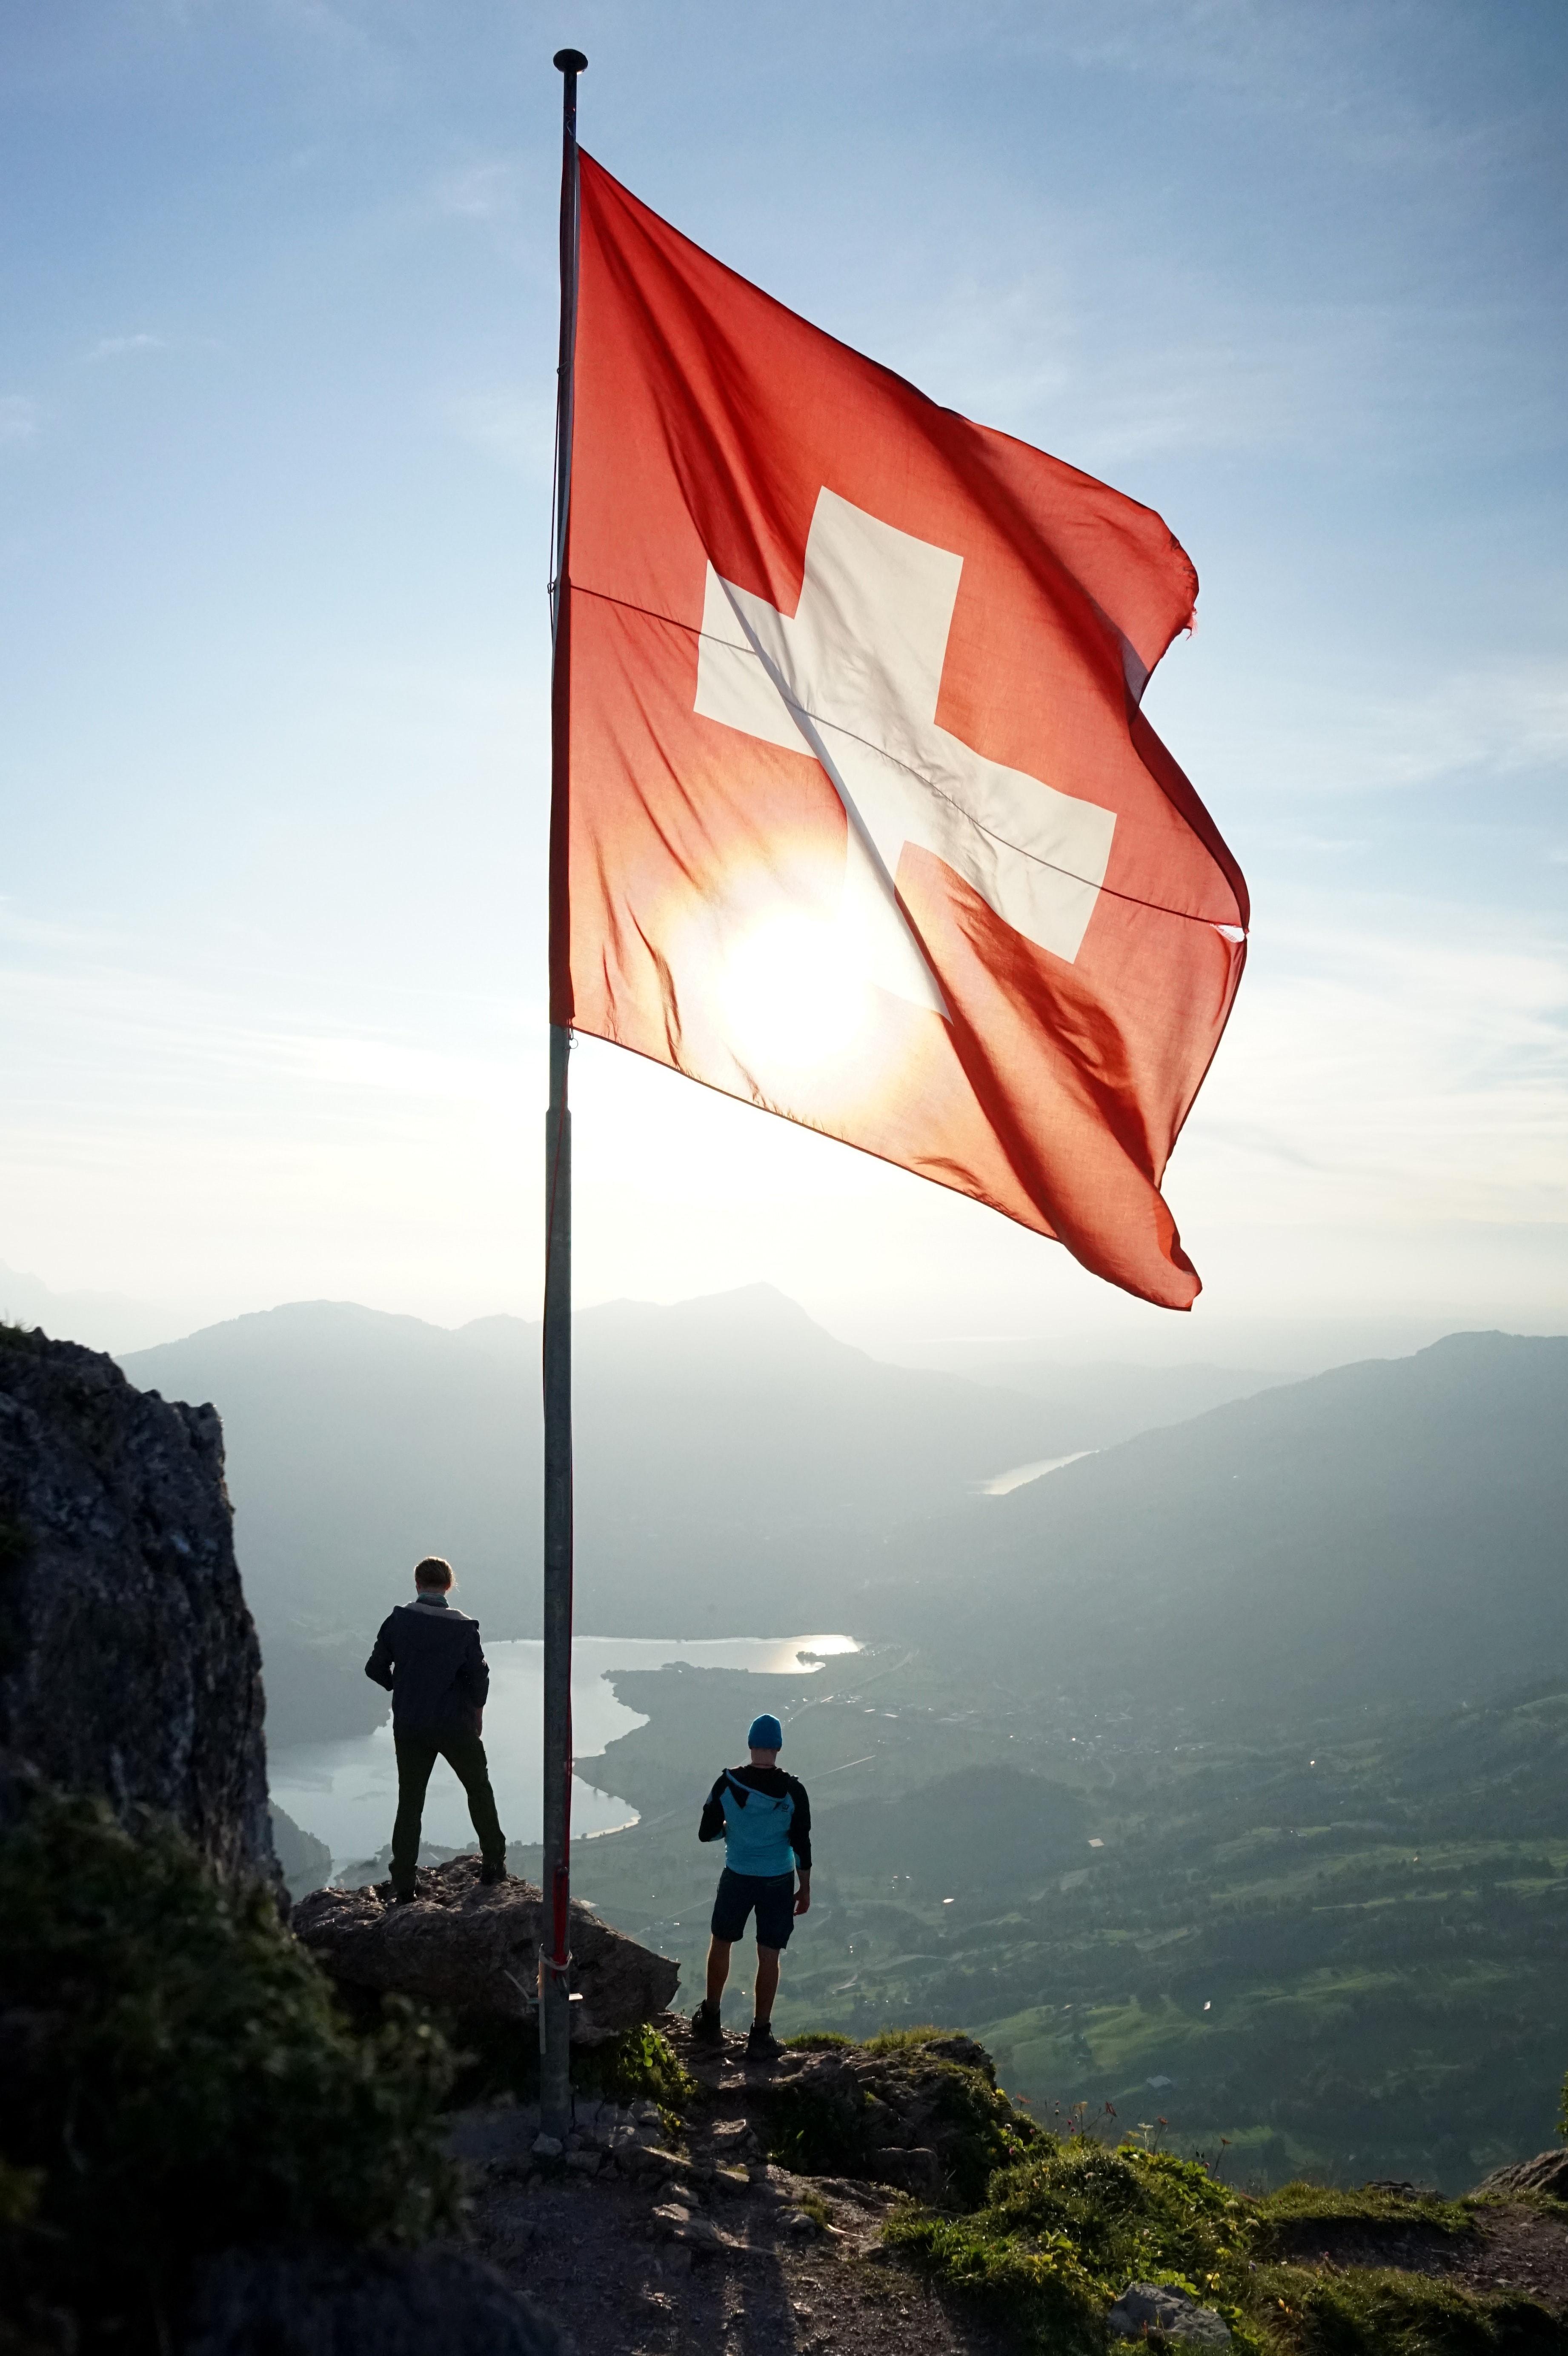 How inclusive is Switzerland?